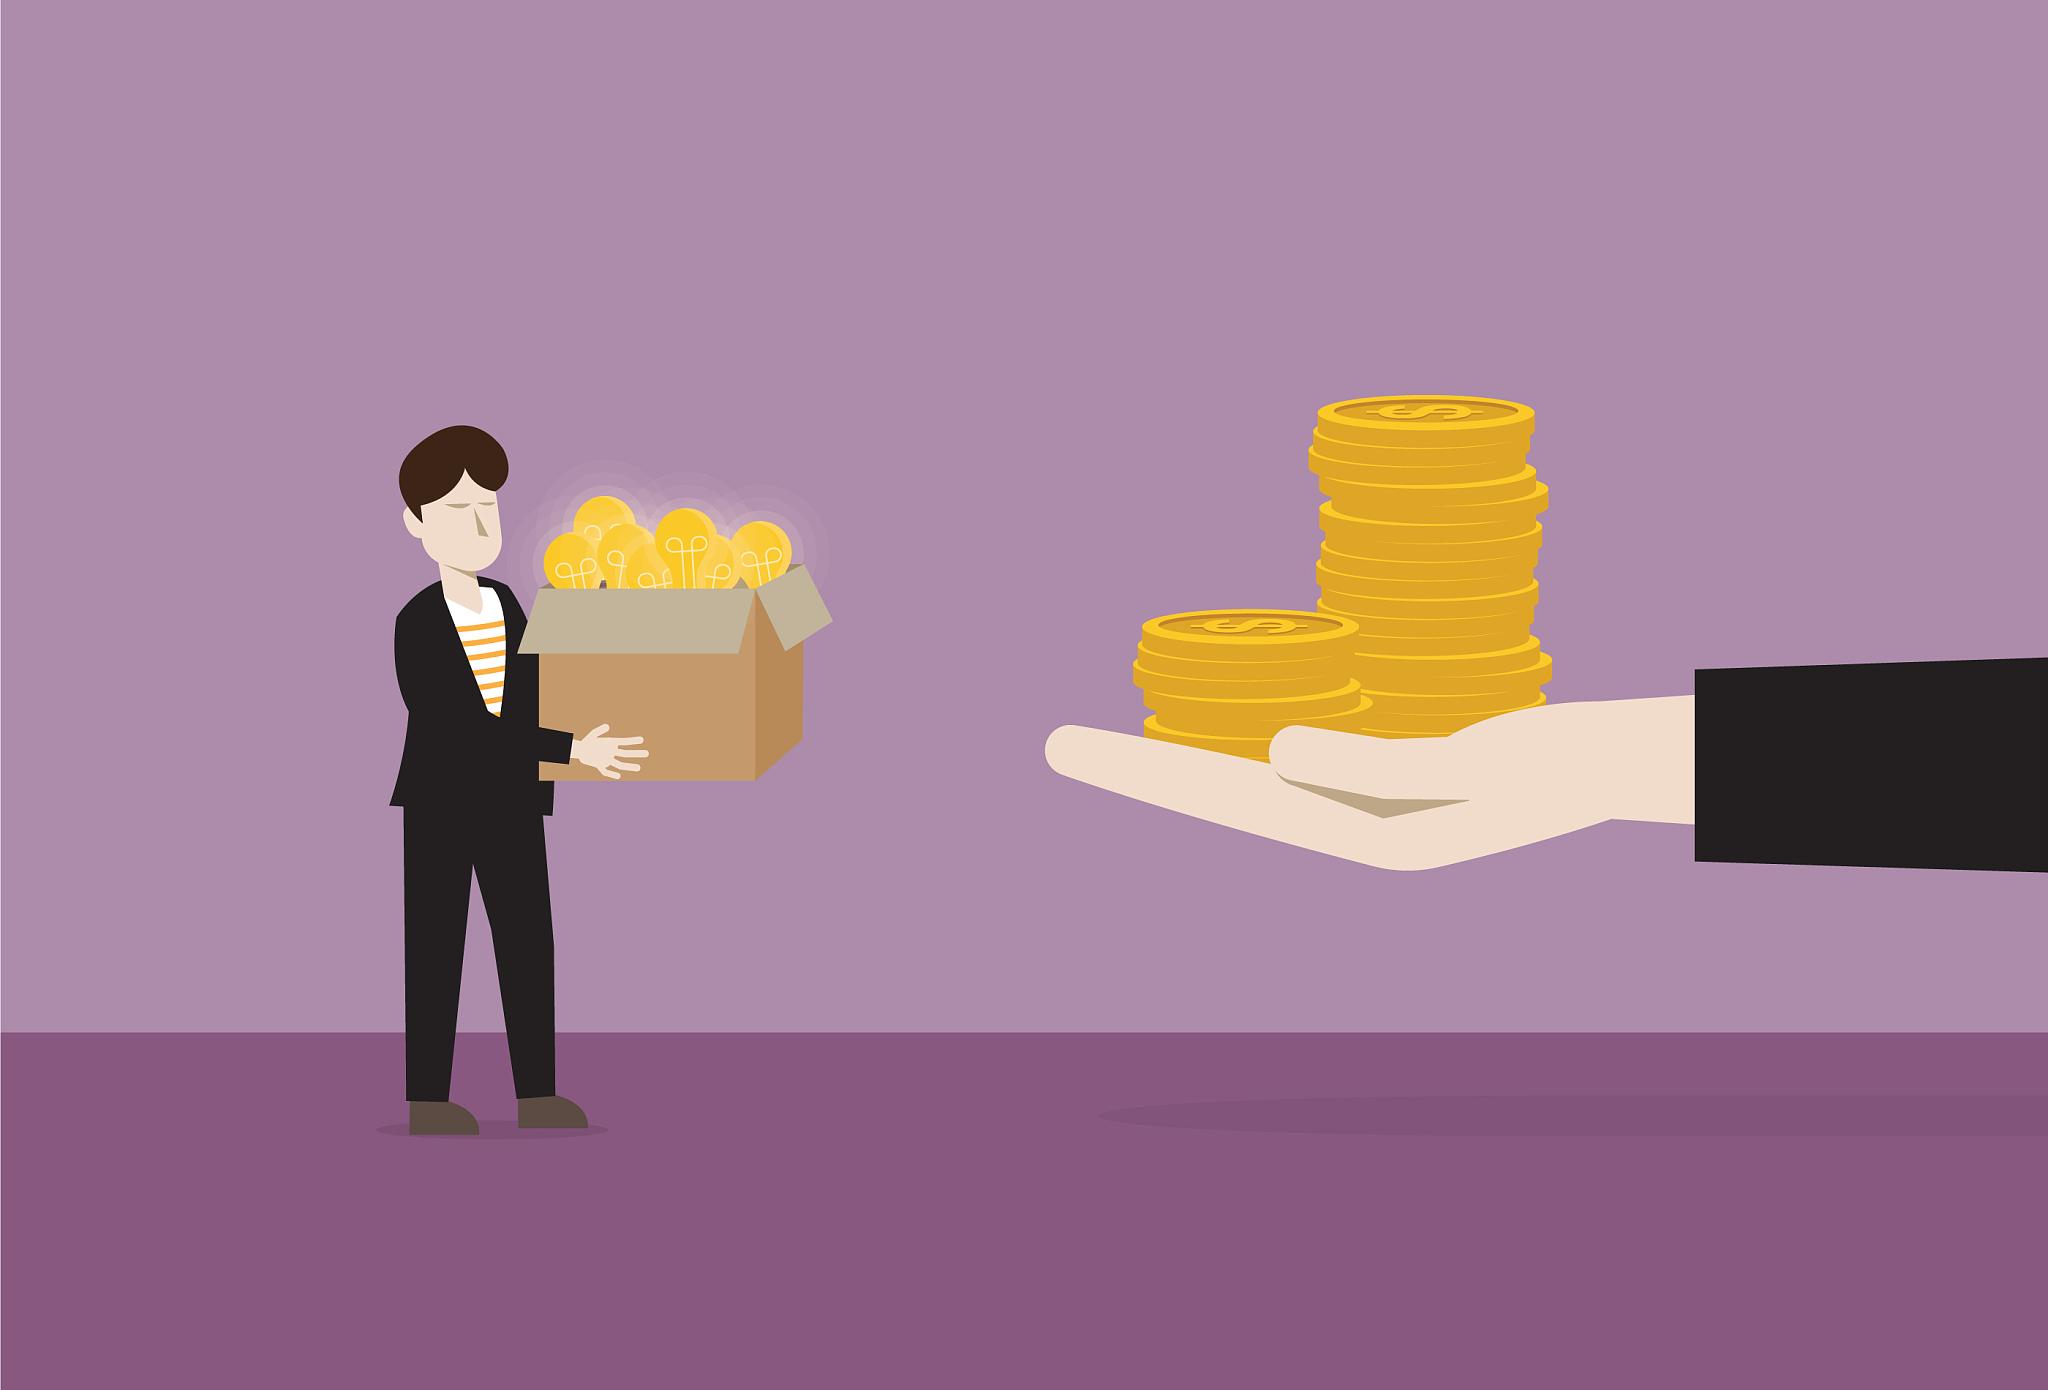 嘉华控股被立案调查:涉嫌高利润贷款达数亿元,背后老板布局广阔